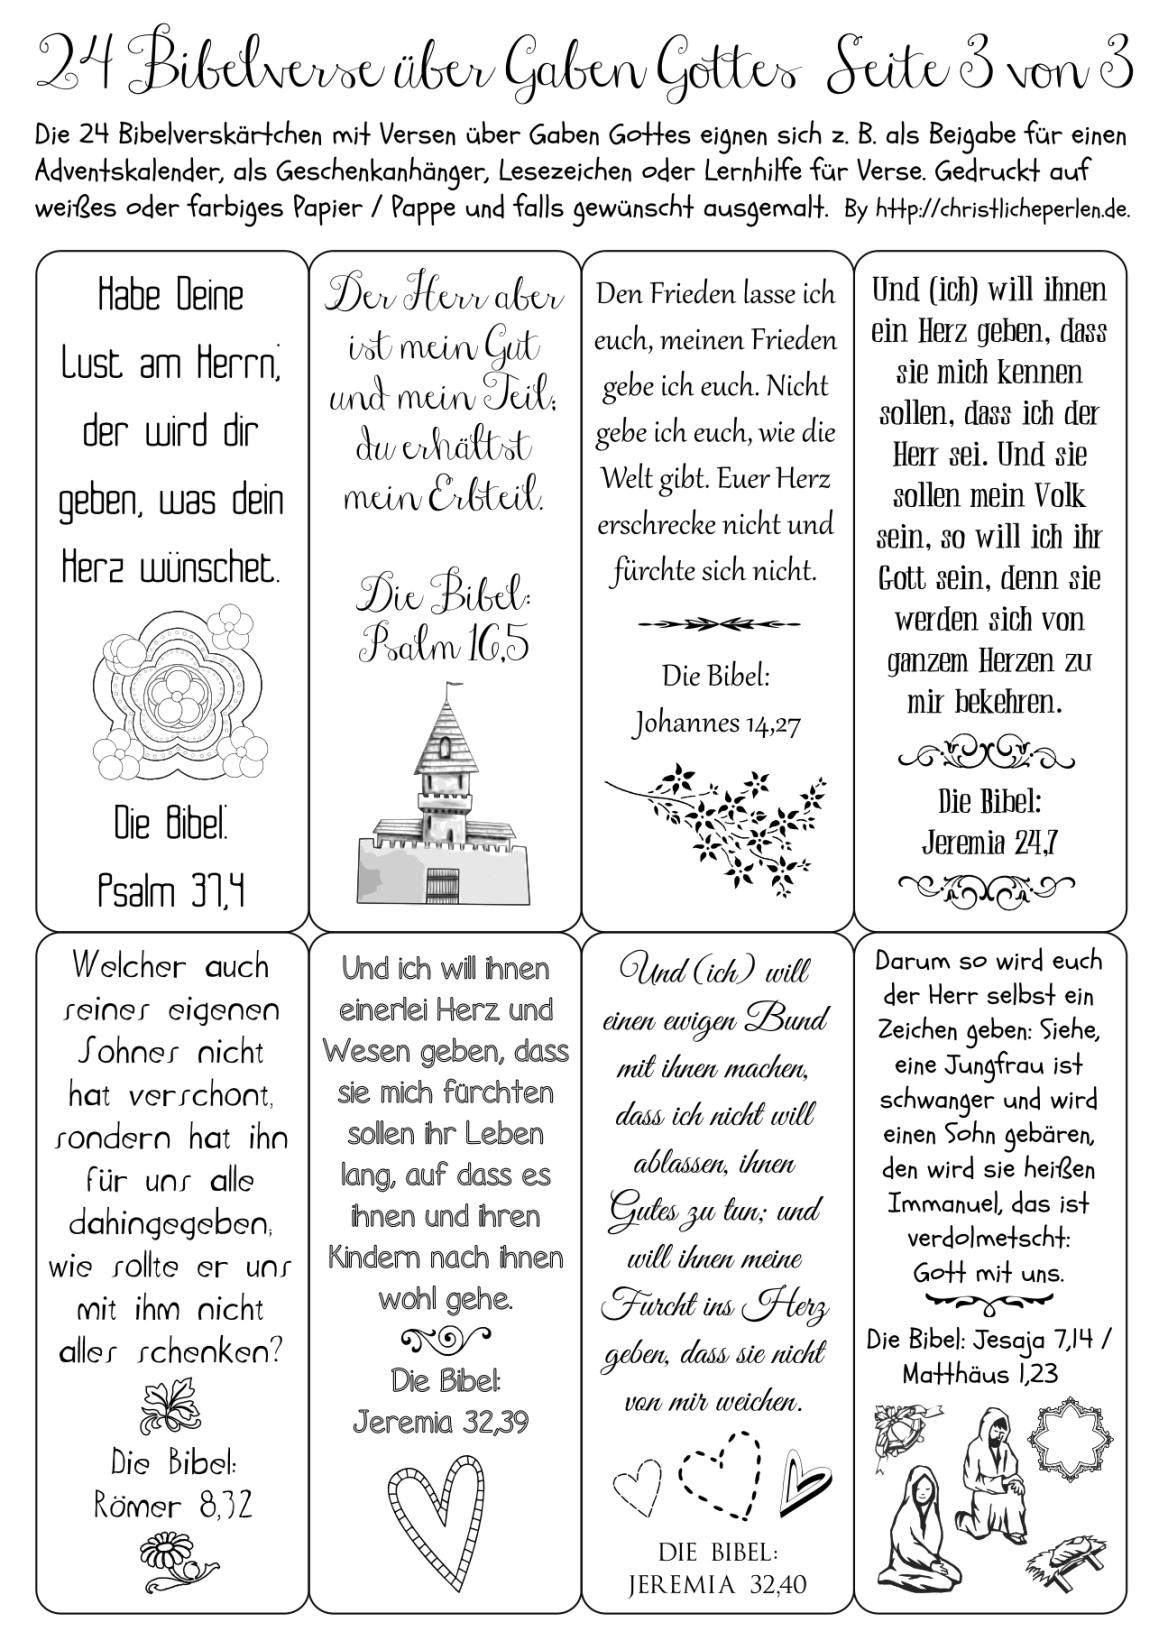 Adventskalender | Christliche Perlen | Adventkalender ganzes 24 Kurze Gedichte Für Adventskalender